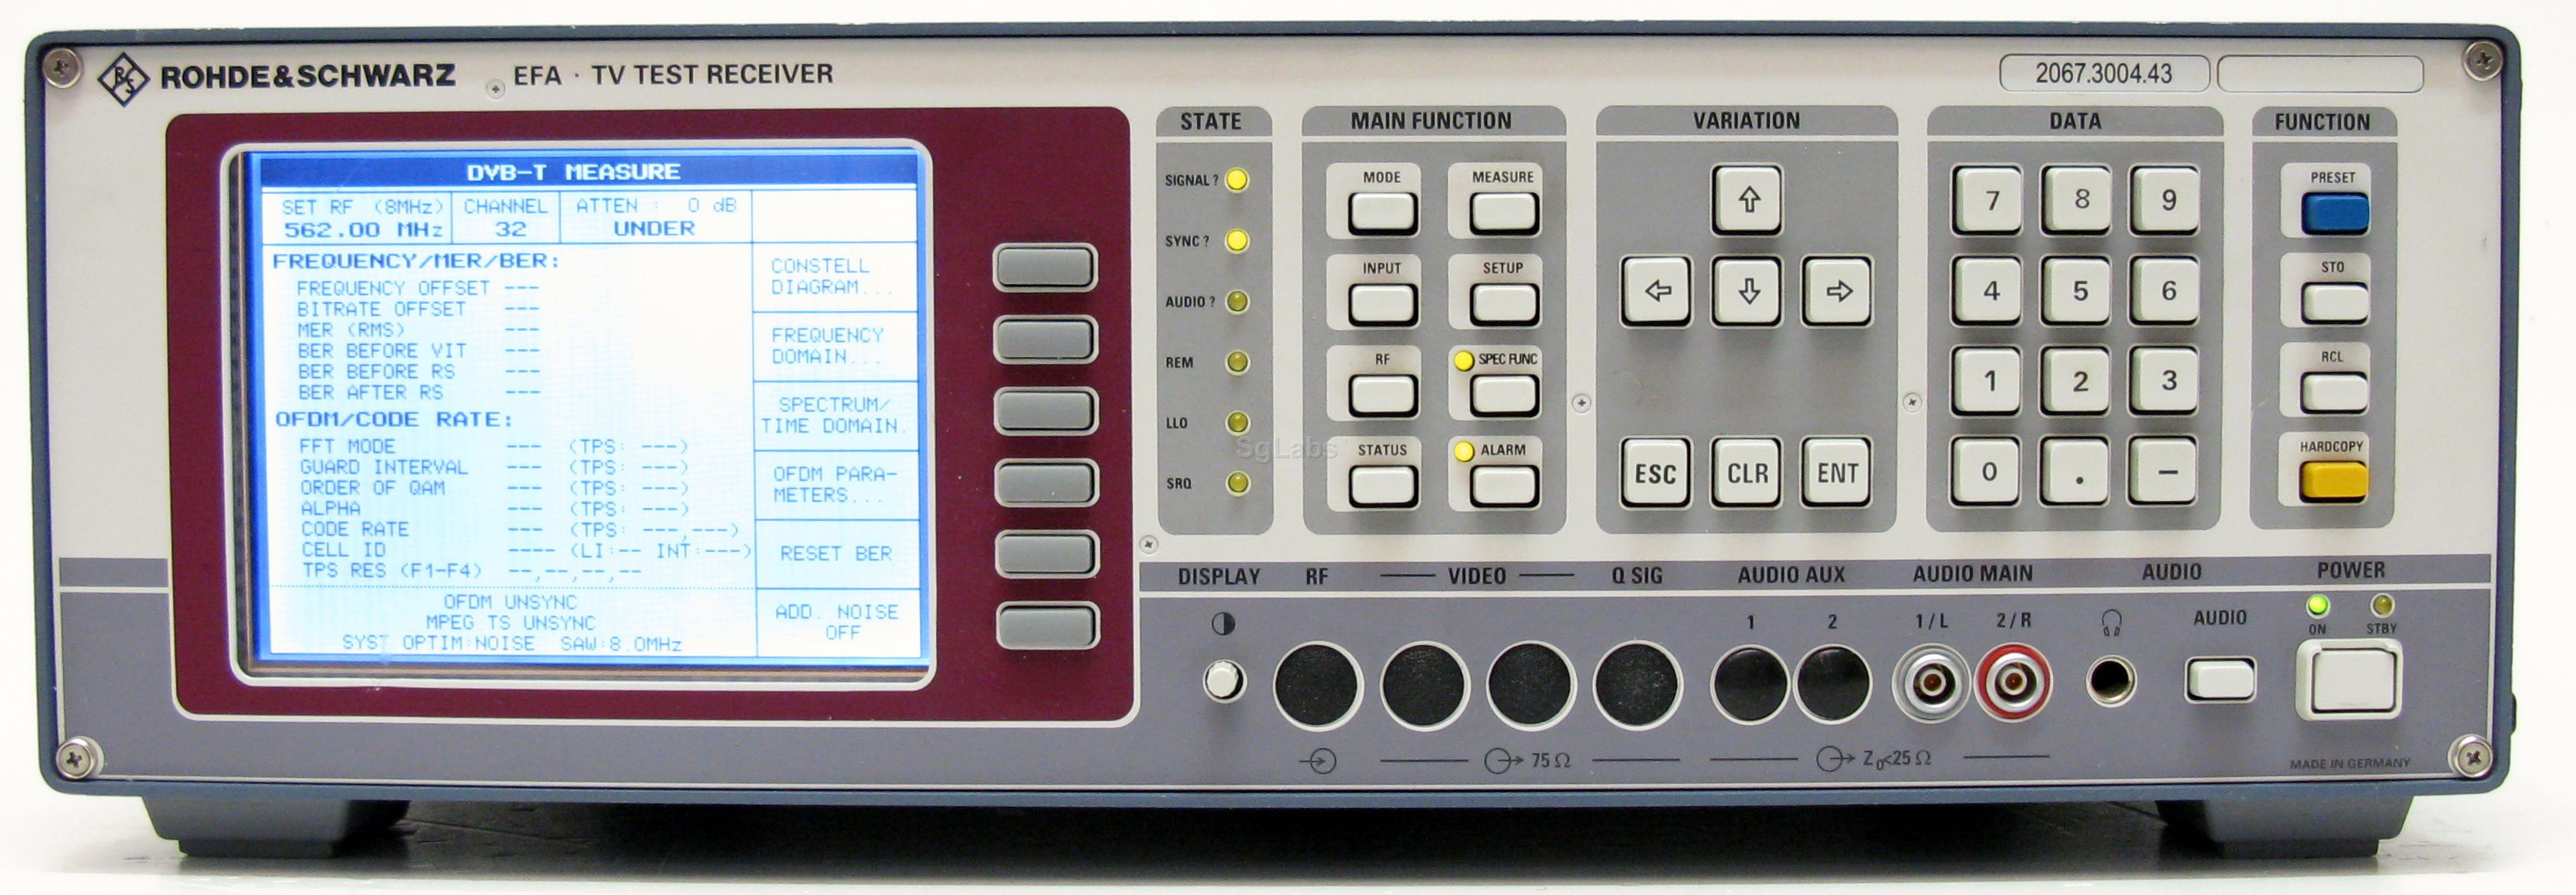 Rohde Amp Schwarz Efa 43